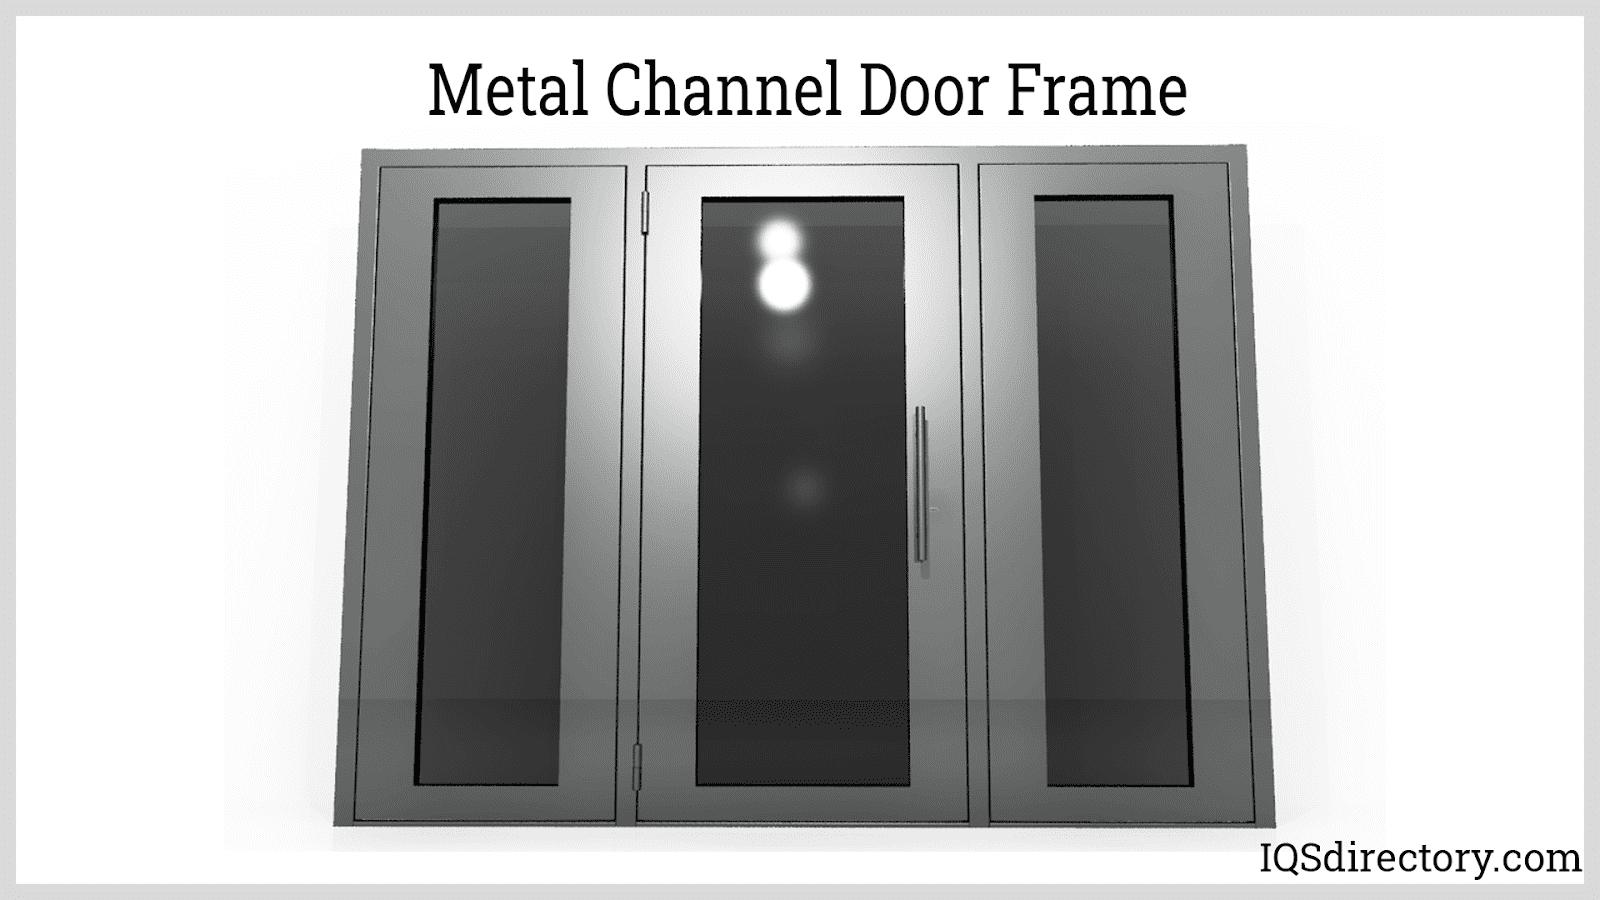 Metal Channel Door Frame